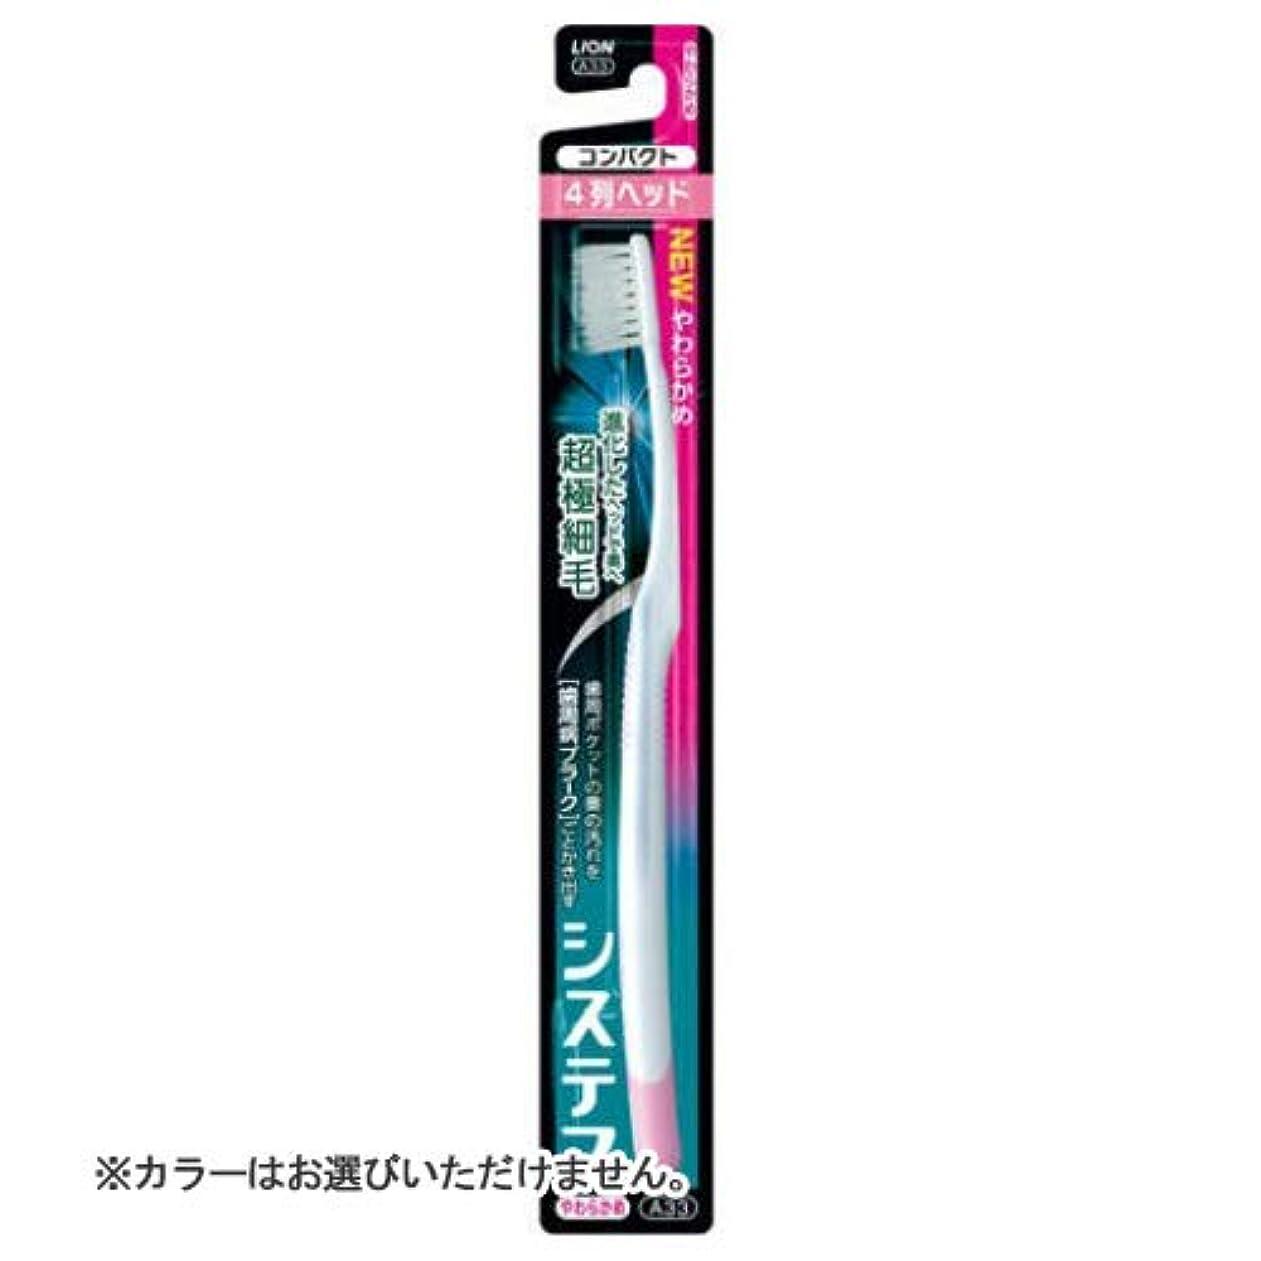 デコラティブ癒す教えライオン システマ ハブラシ コンパクト4列 やわらかめ (1本) 大人用 歯ブラシ